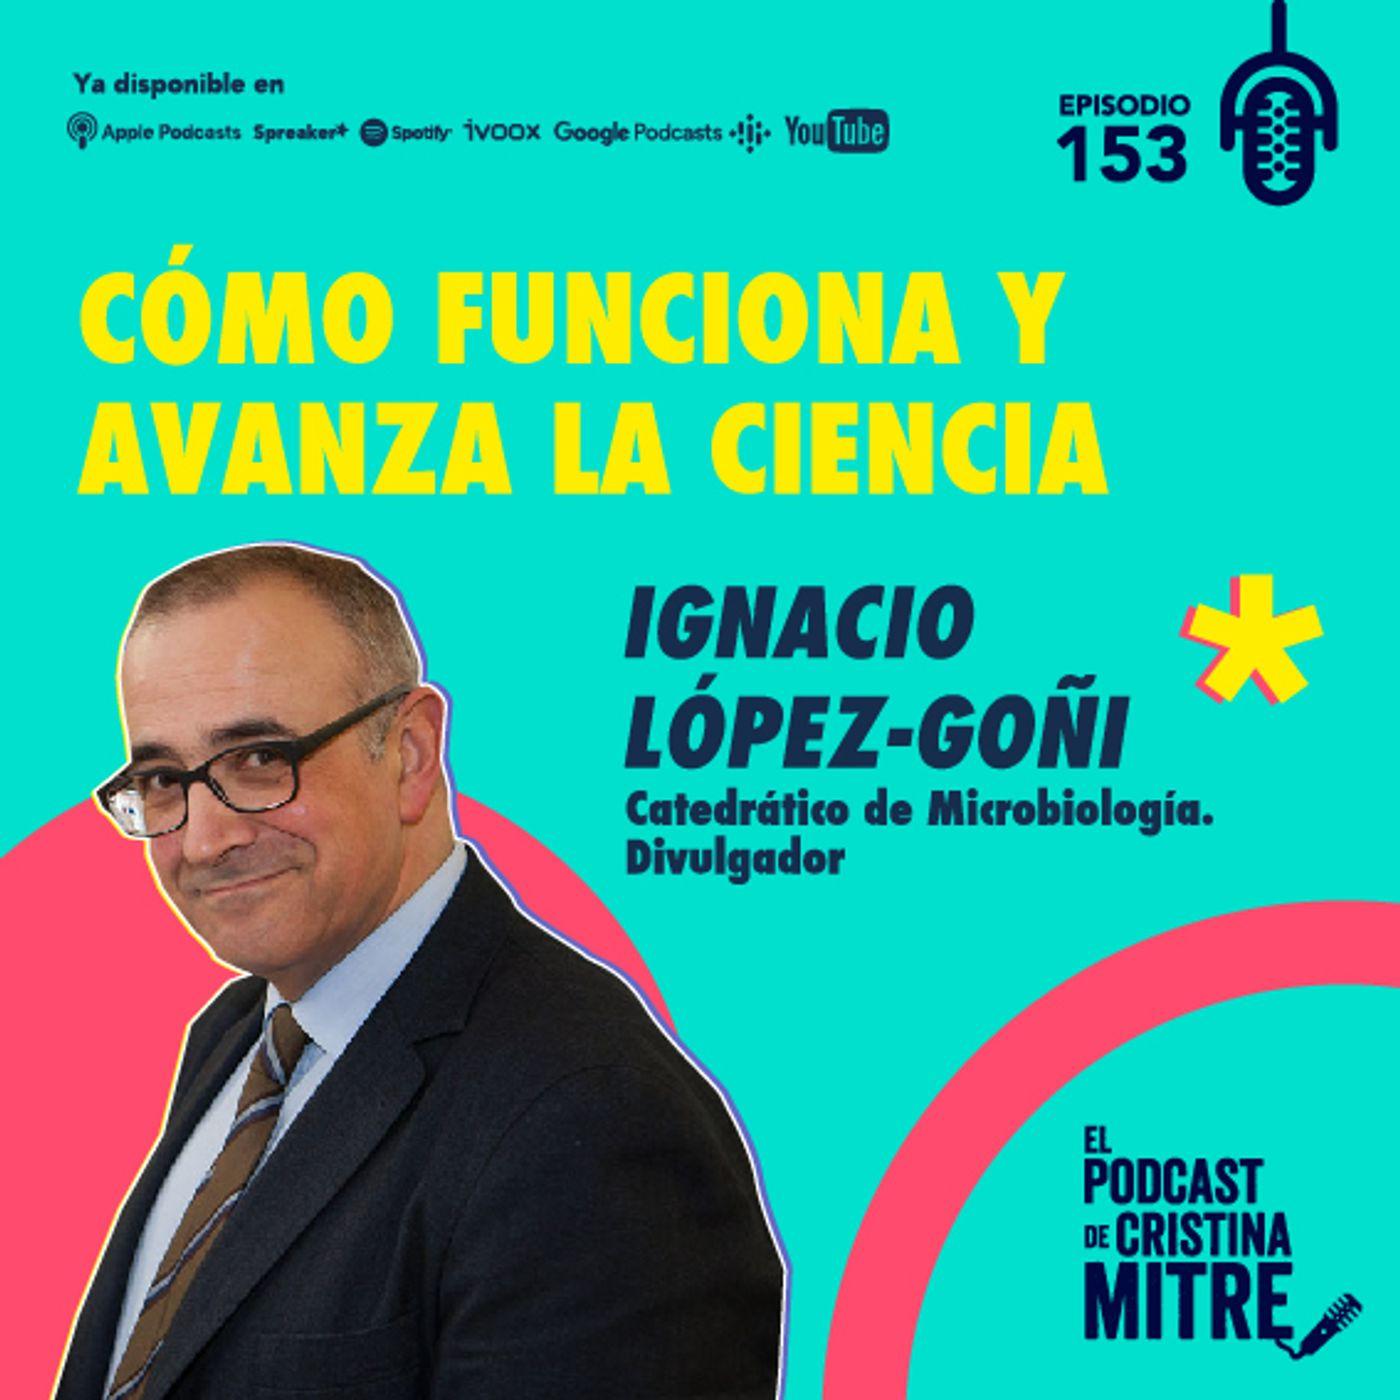 Cómo funciona y avanza la ciencia con Ignacio López-Goñi. Episodio 153